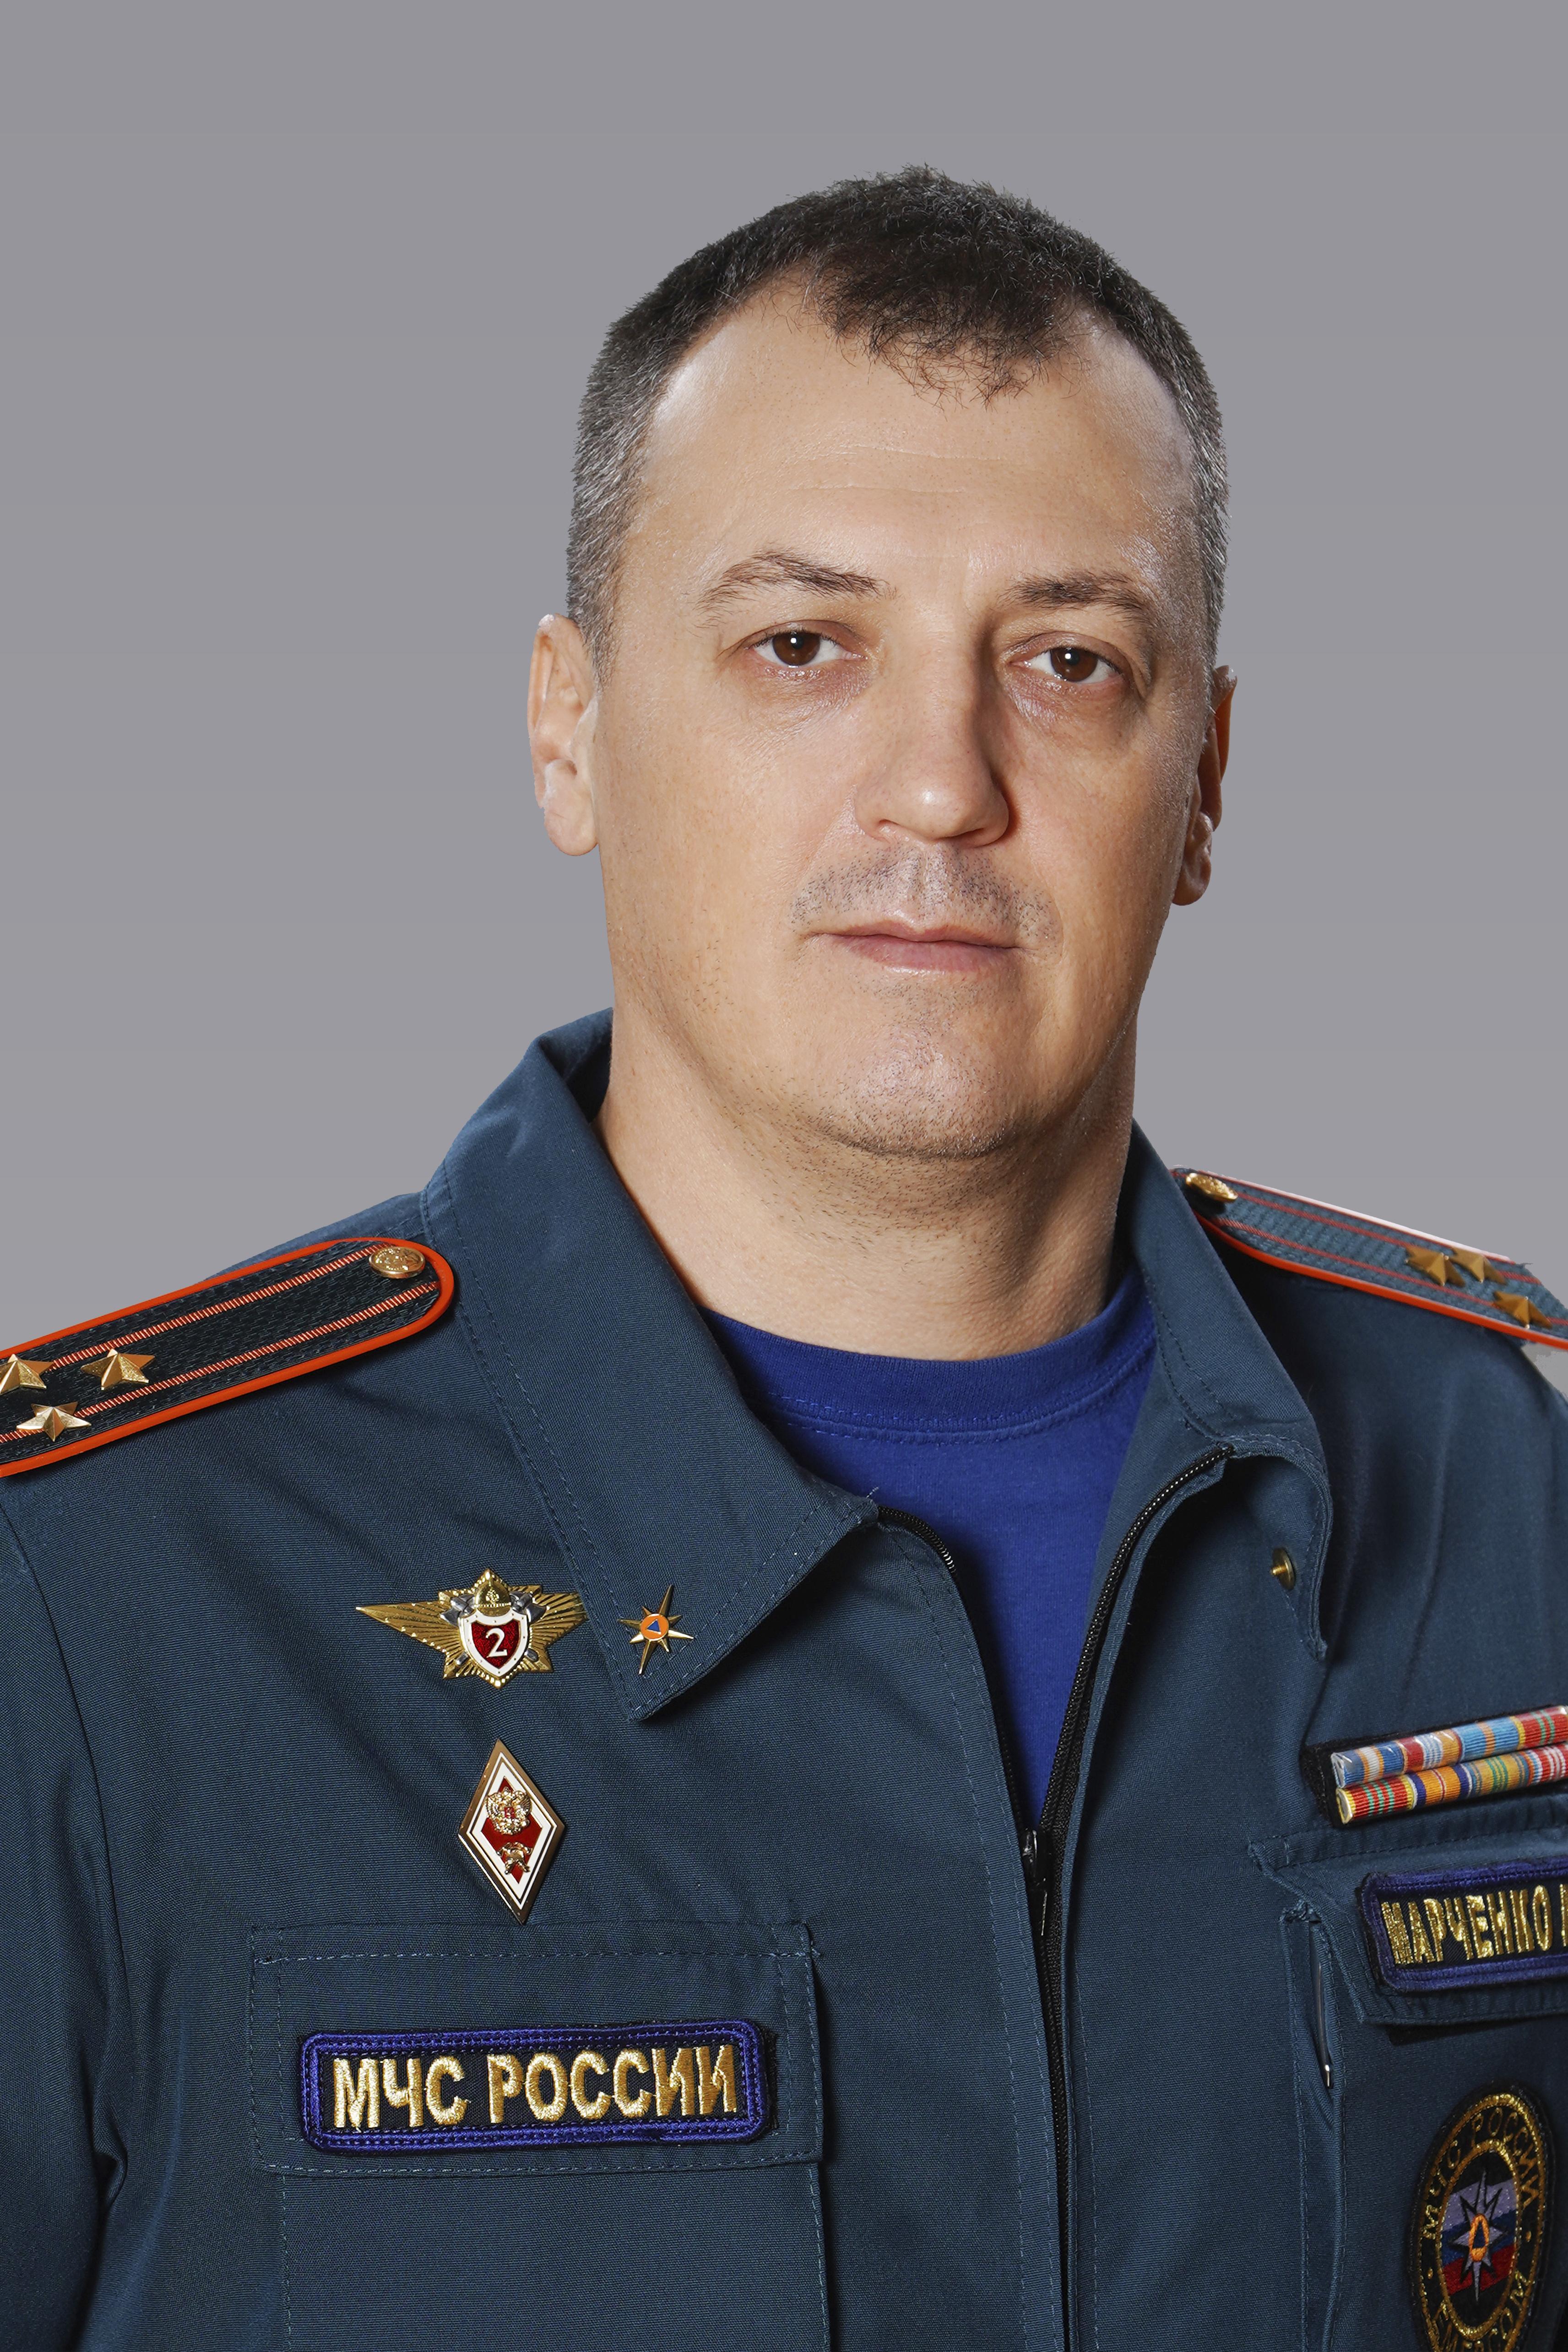 Марченко Михаил Анатольевич